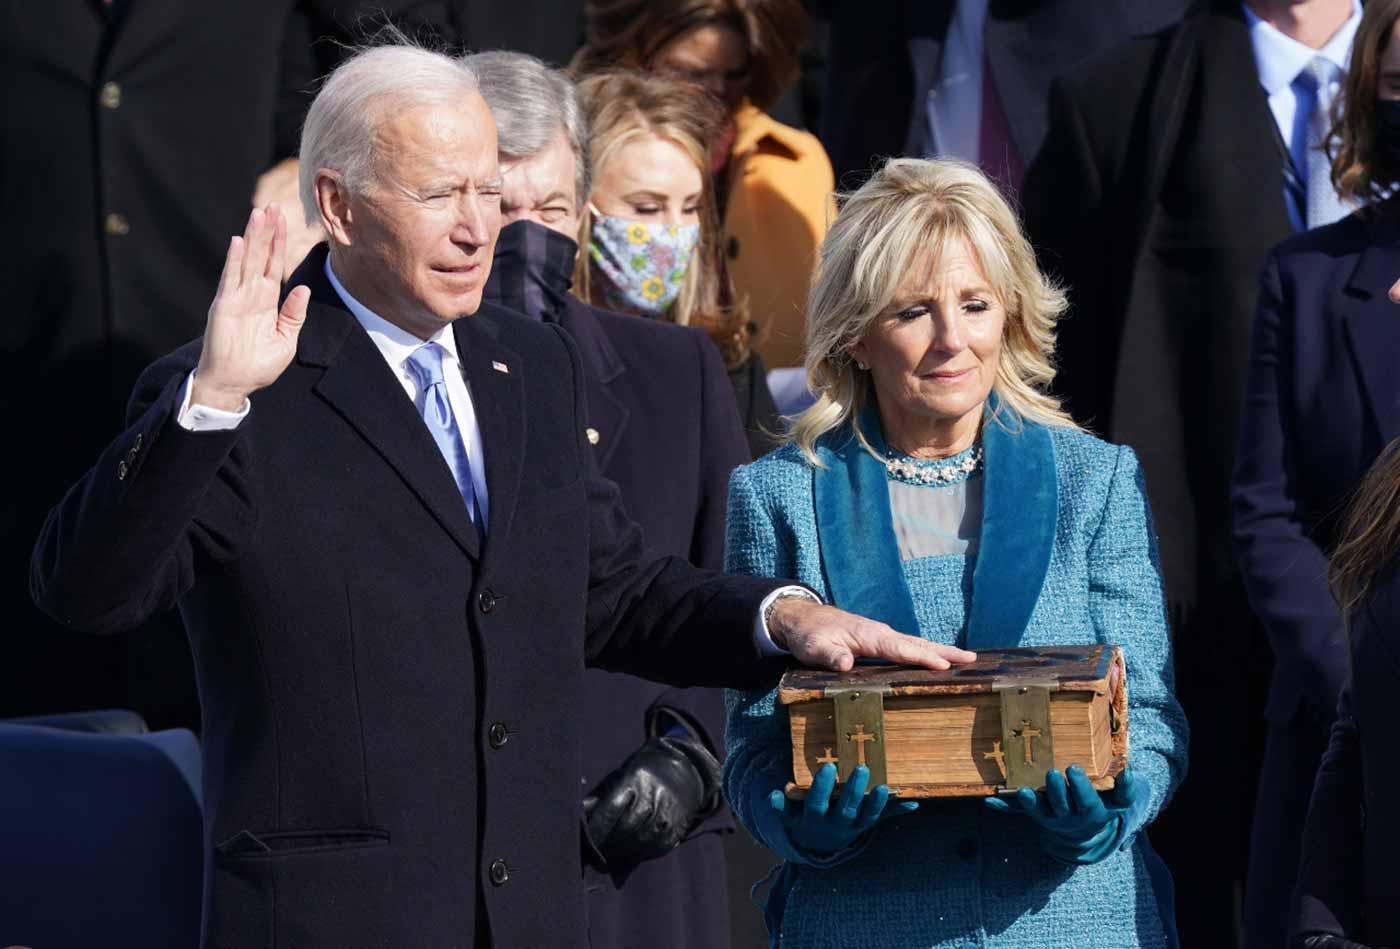 رسميا .. بايدن أصبح الرئيس السادس والأربعين للولايات المتحدة